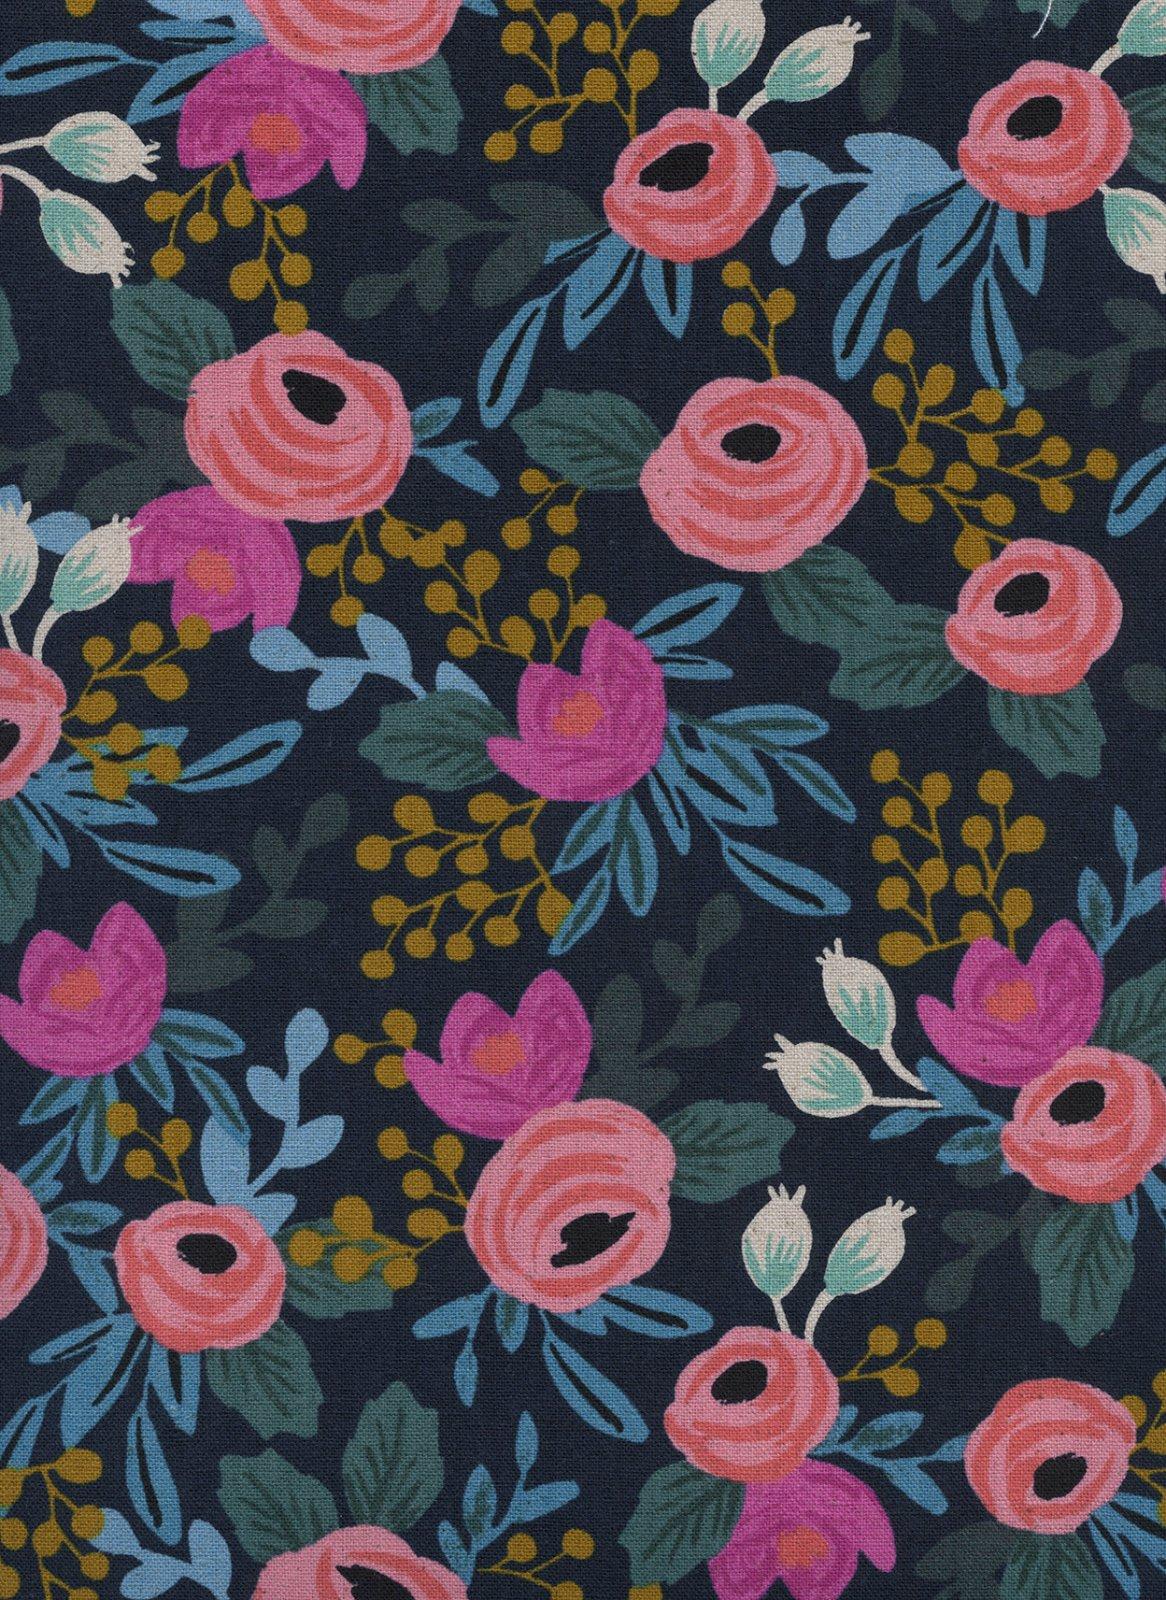 Canvas- Cotton Linen- Rifle Paper Co- Menagerie- Rosa- Navy STH#11229721